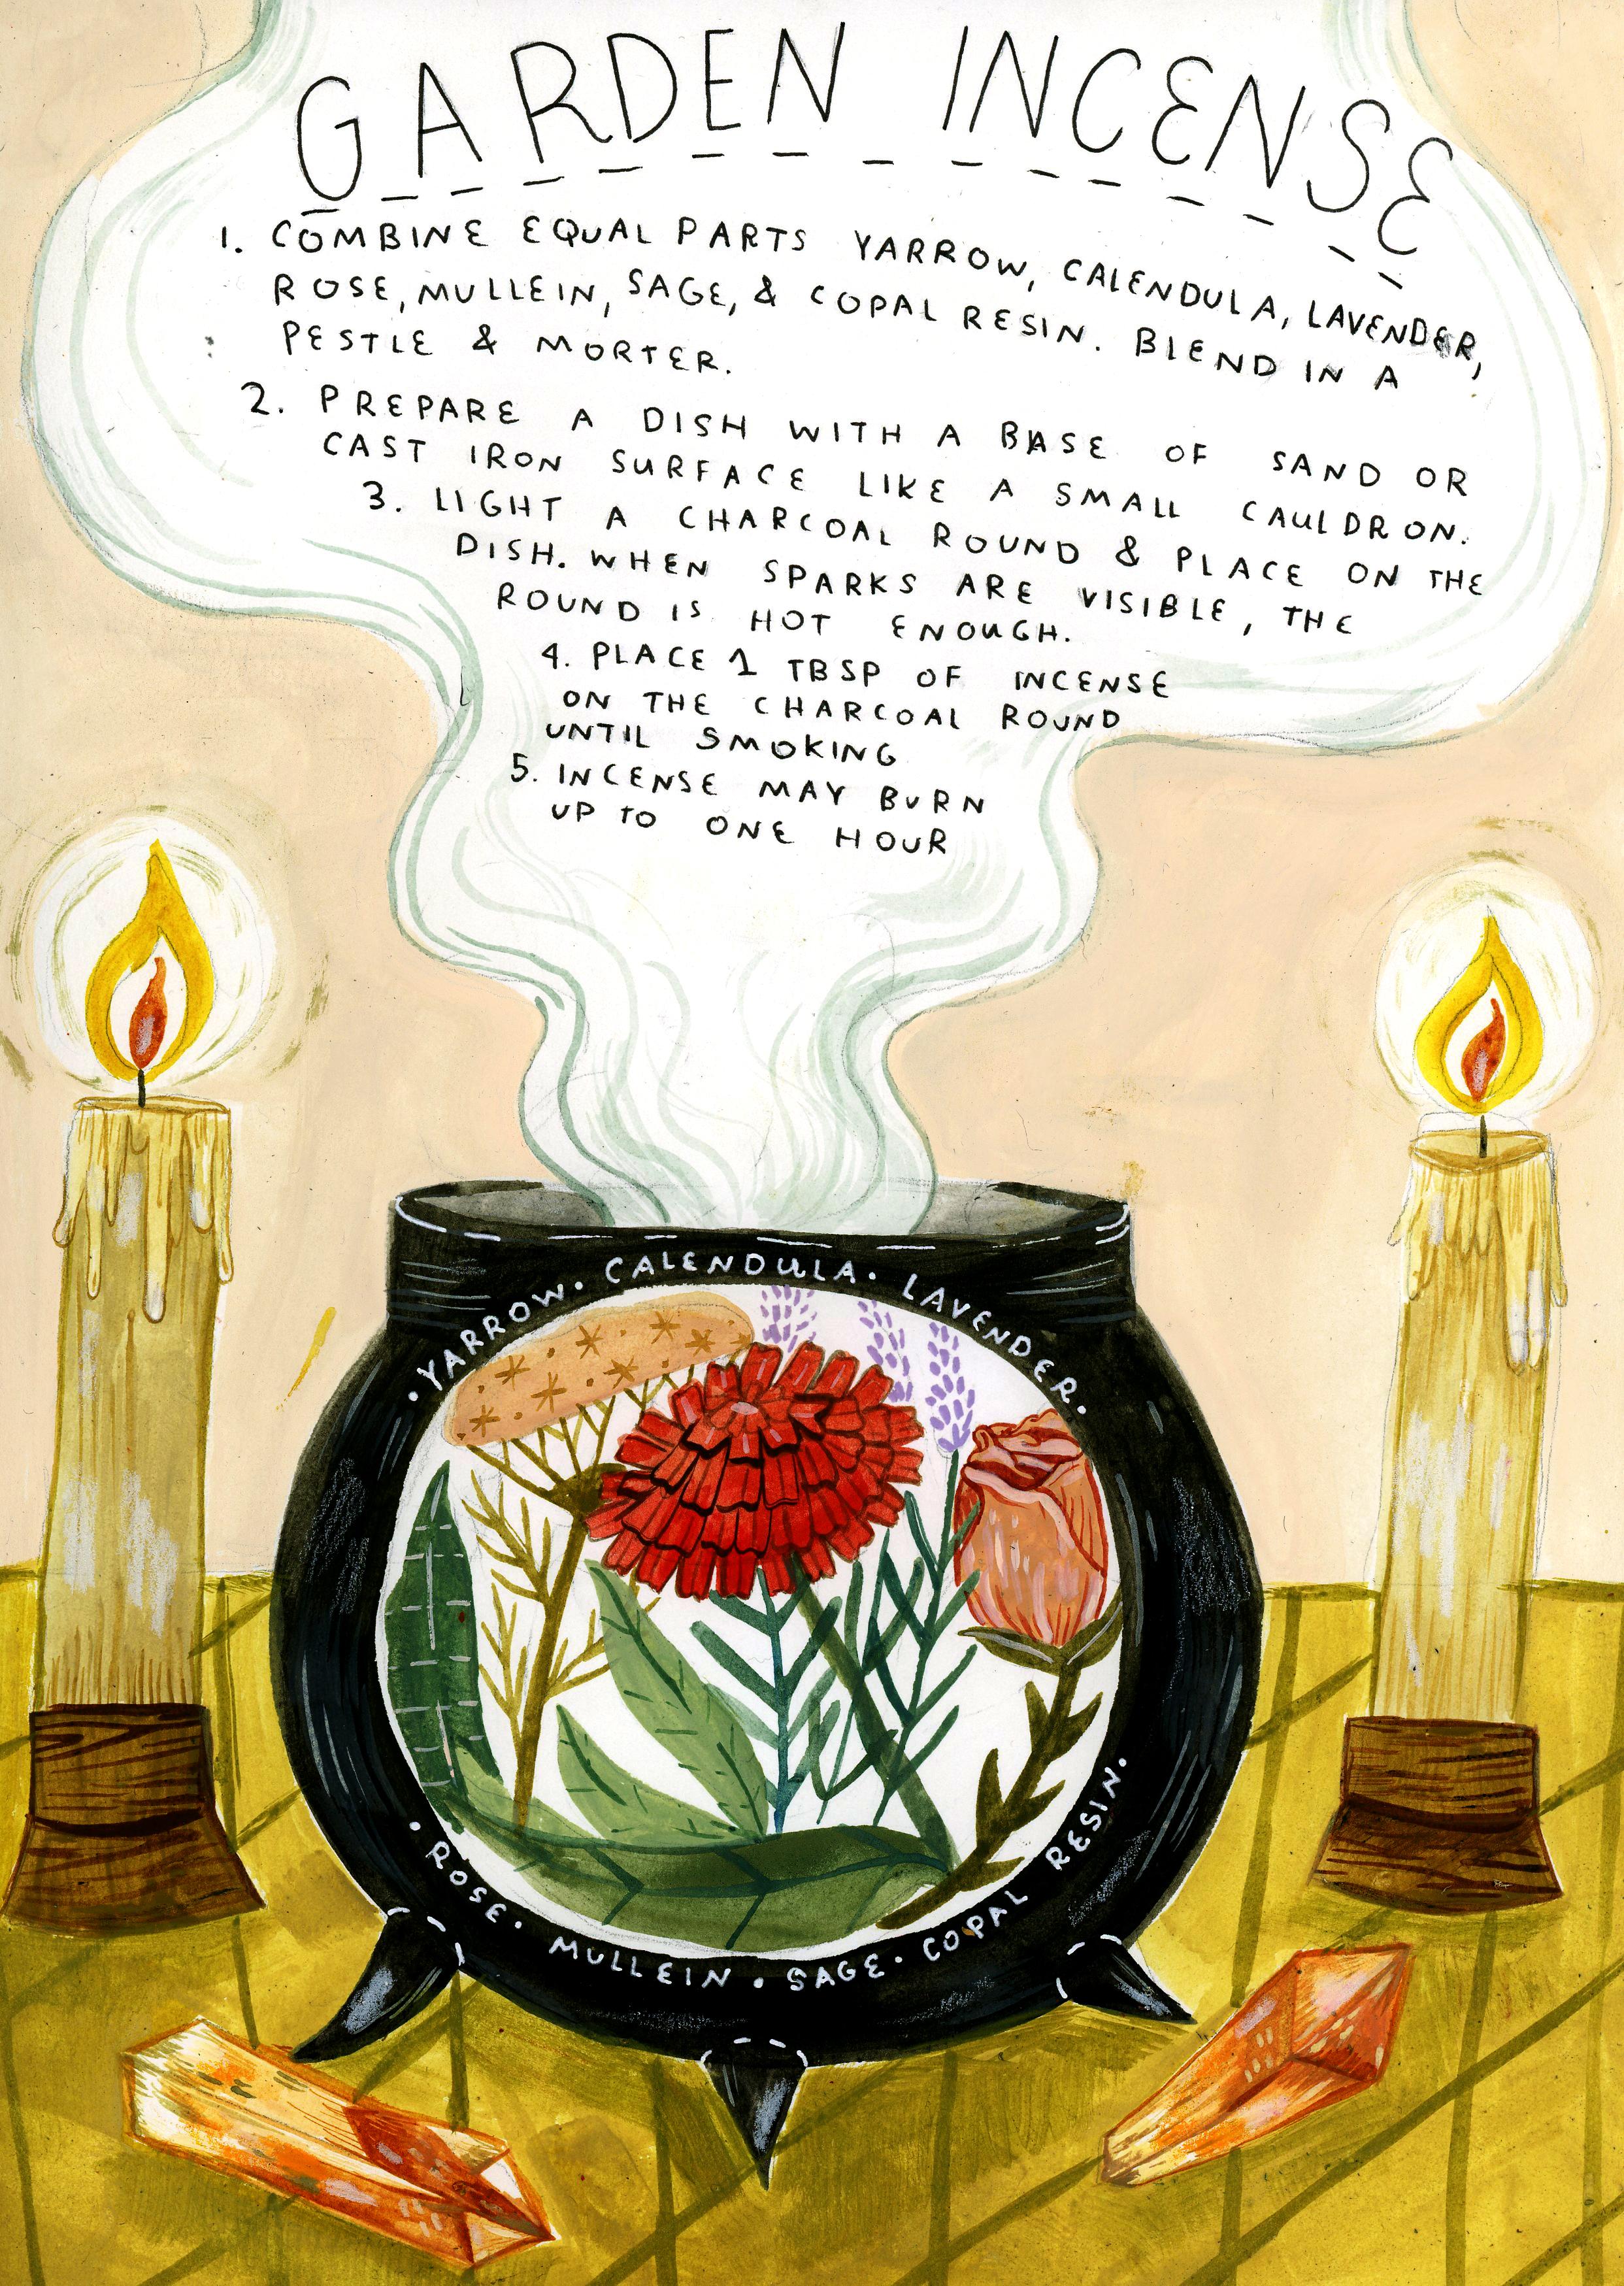 gardenincense.jpg